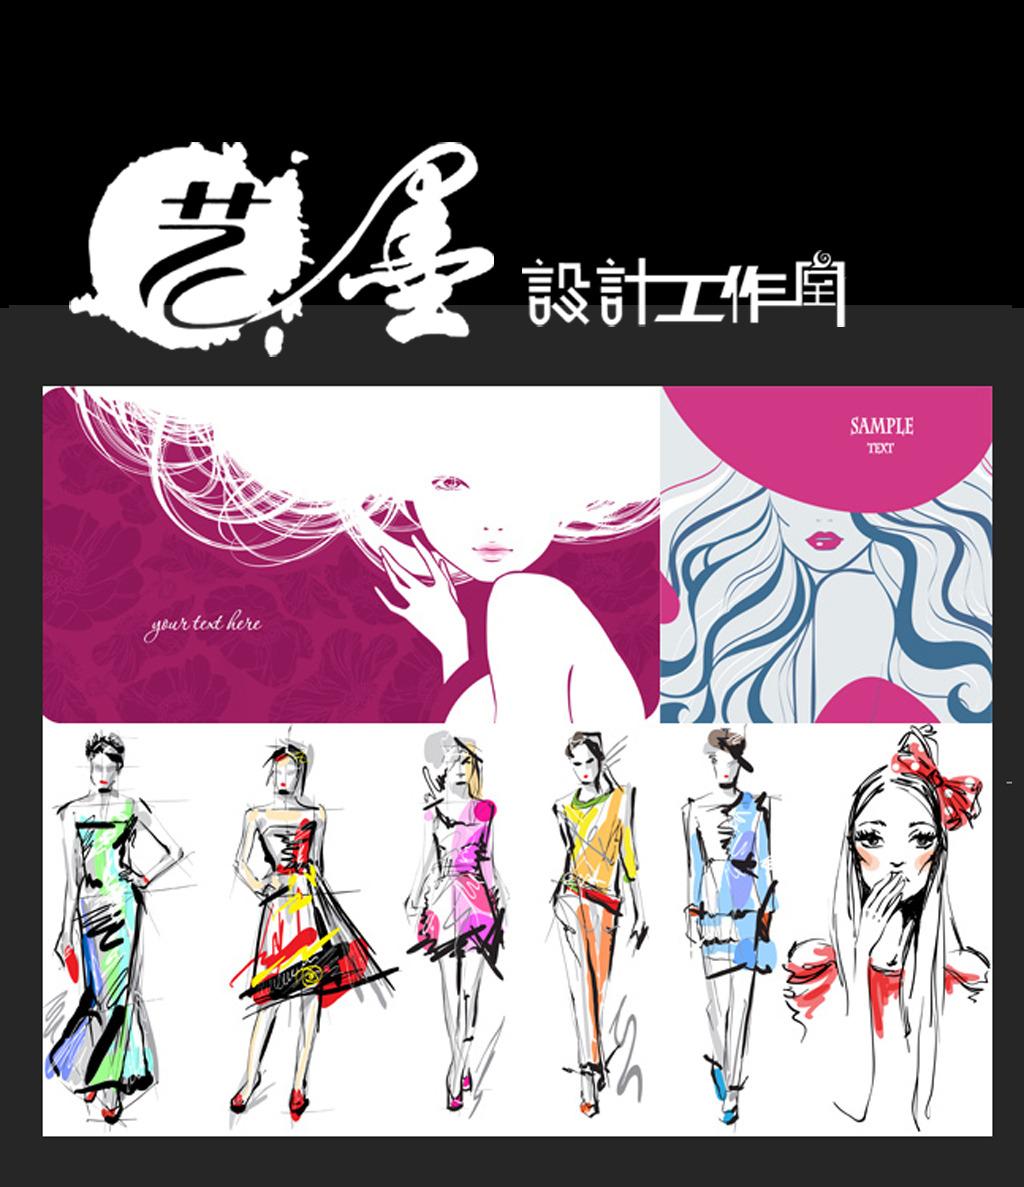 服装手绘款式图 服装设计 矢量服装手绘效果图 服装款式手稿 流行t恤